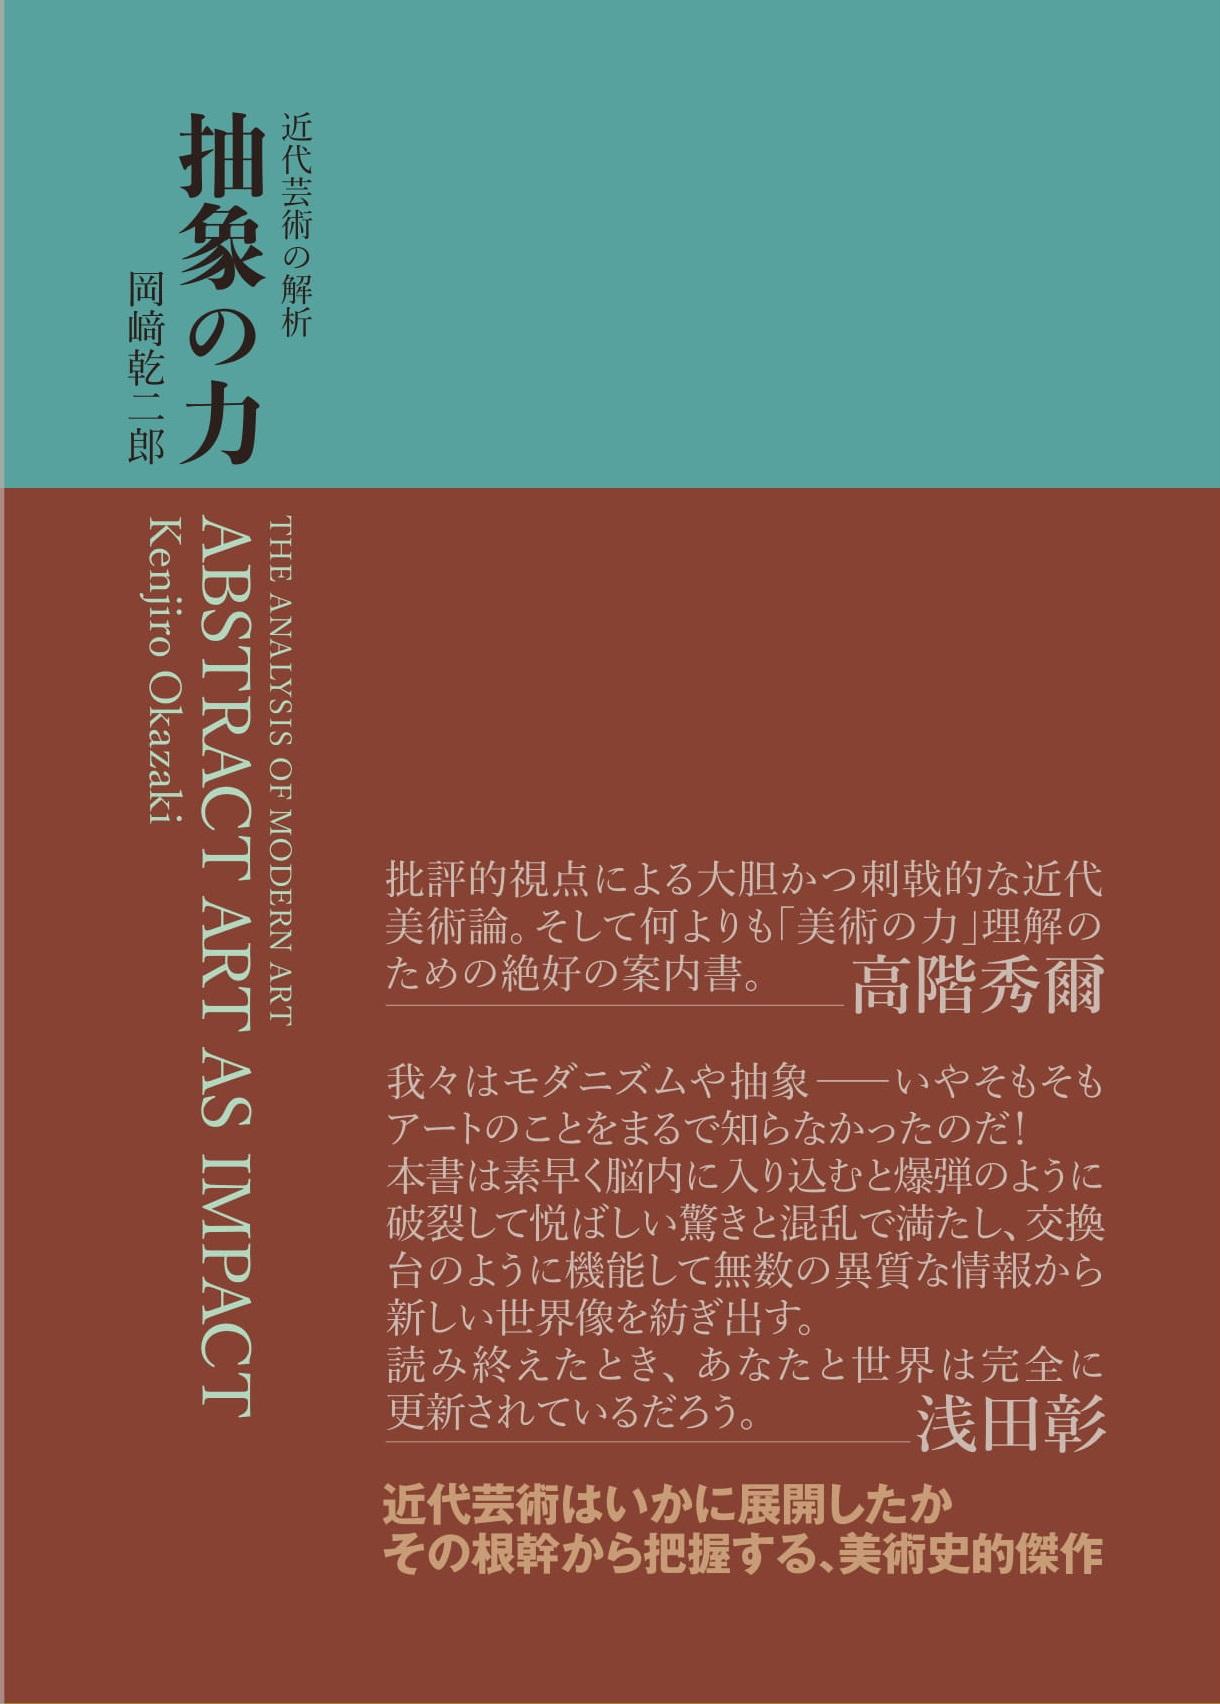 連携トークイベント<br>岡﨑乾二郎『抽象の力(近代芸術の解析)』の解説と分析